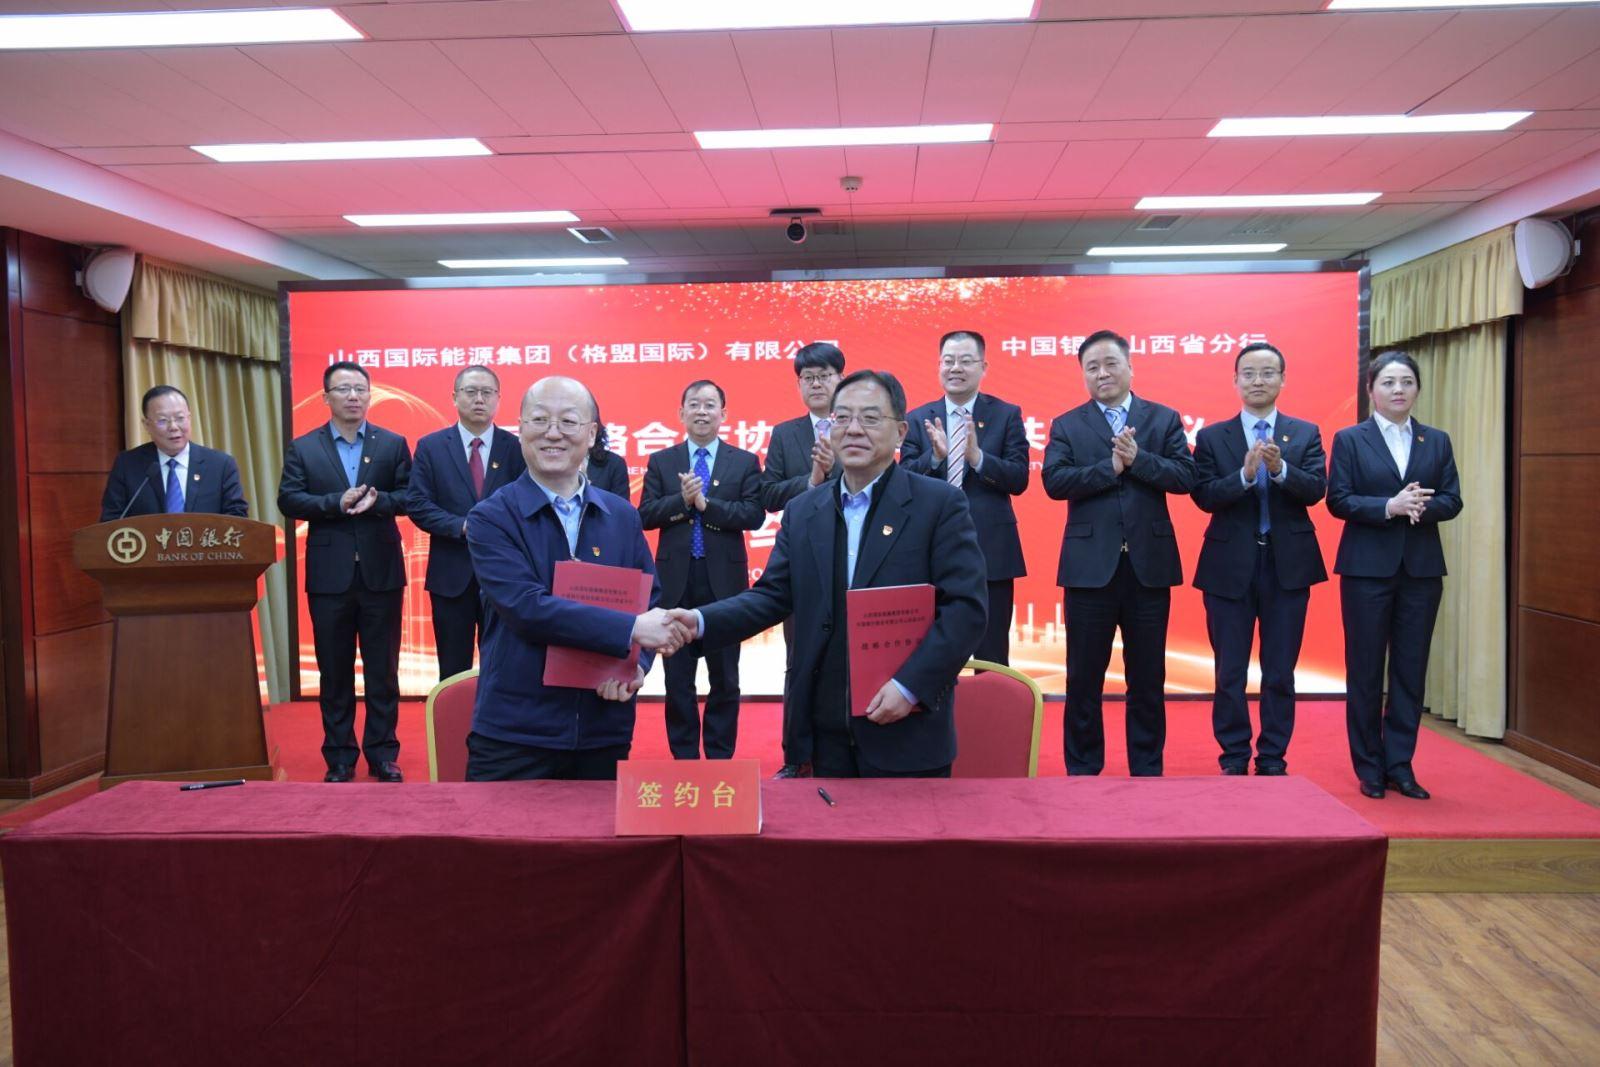 集團公司與中國銀行山西省分行簽署全面戰略合作協議暨黨建共建協議